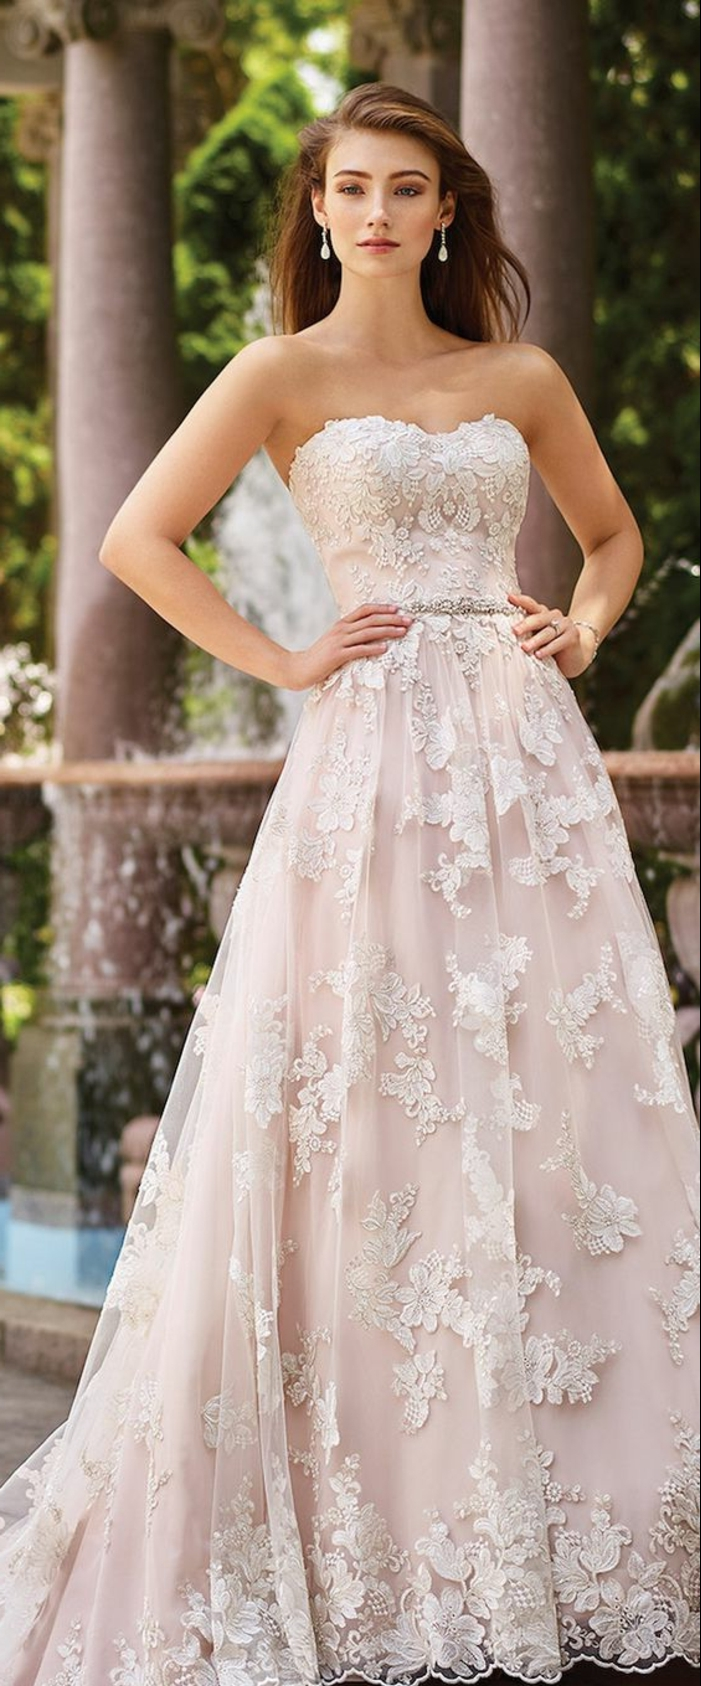 robe de mariée colorée, bustier coeur, boucles d'oreille pendantes, broderies